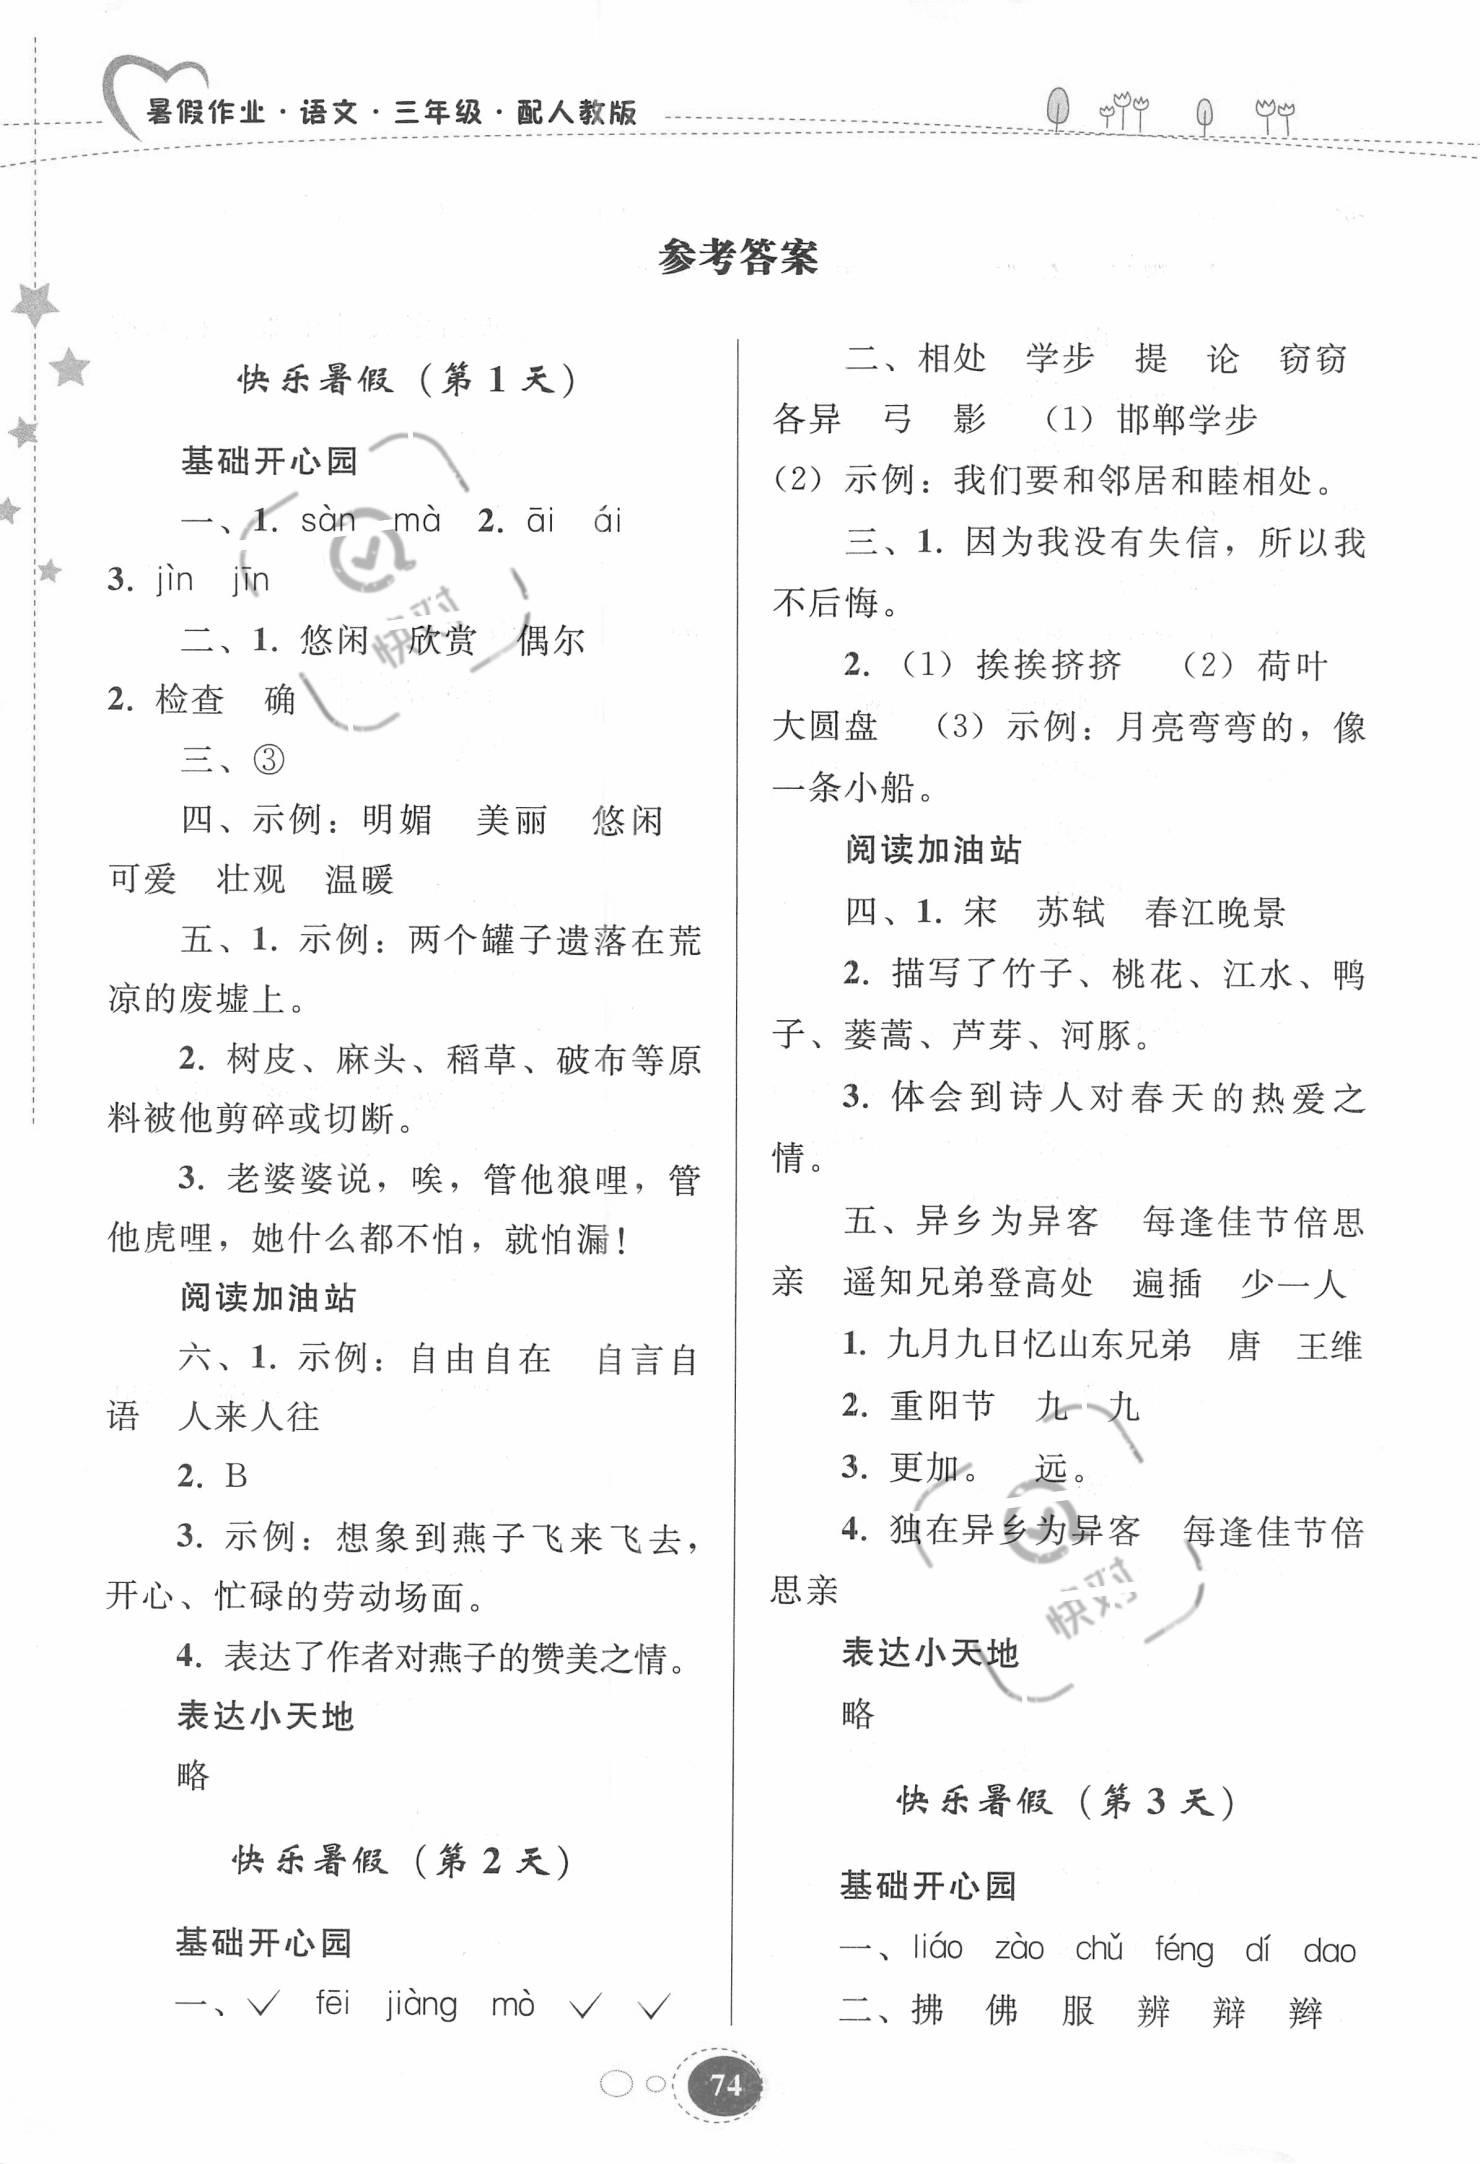 2021年暑假作业三年级语文人教版贵州人民出版社